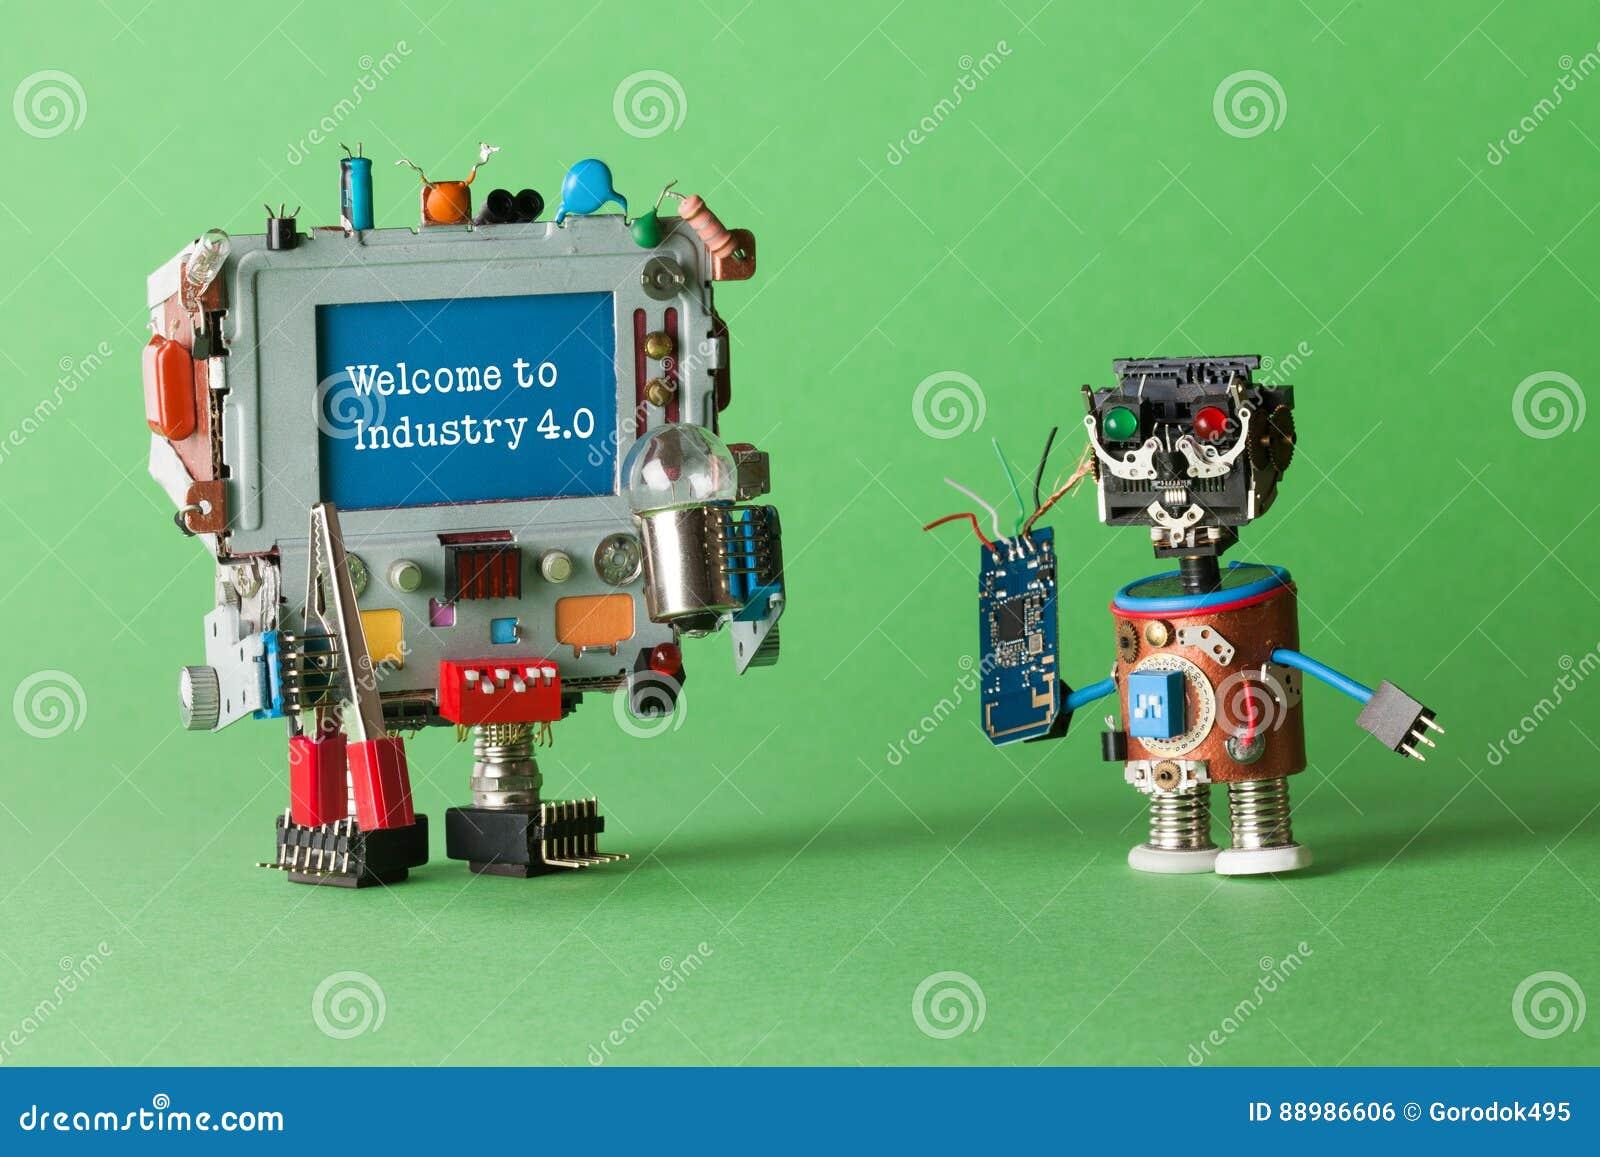 Onthaal aan Industrie 4 0 robotachtige cybersystemen, slim technologie en automatiseringsproces Abstract elektronisch stuk speelg